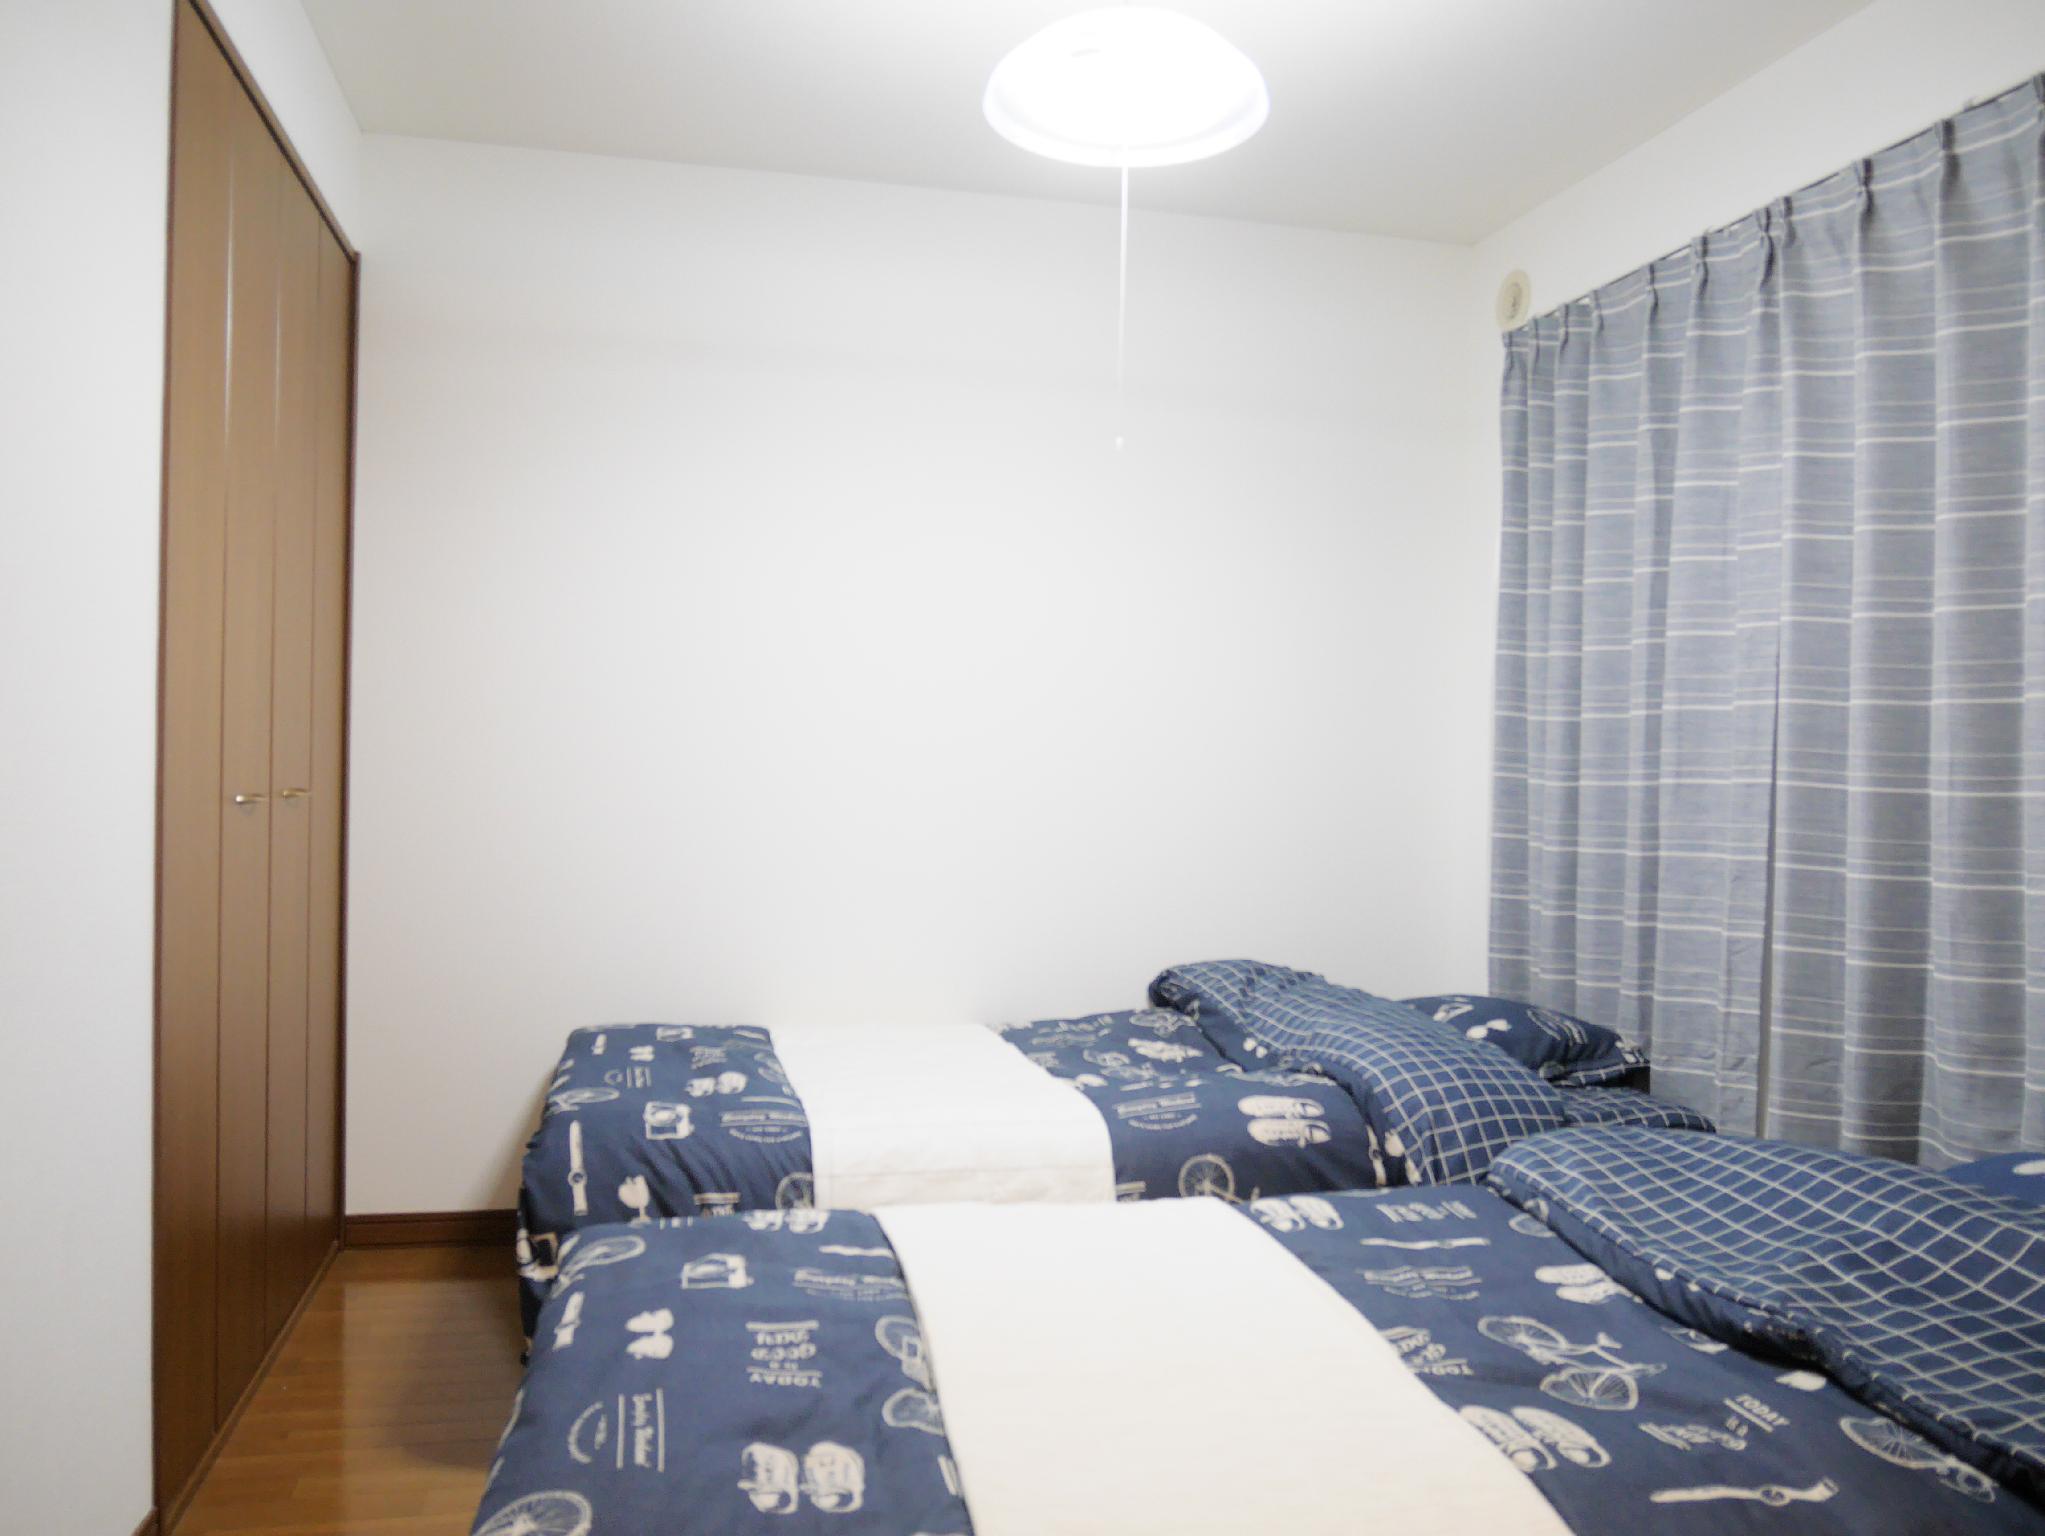 KB 1 Bedroom Apartment In Sapporo E3  103